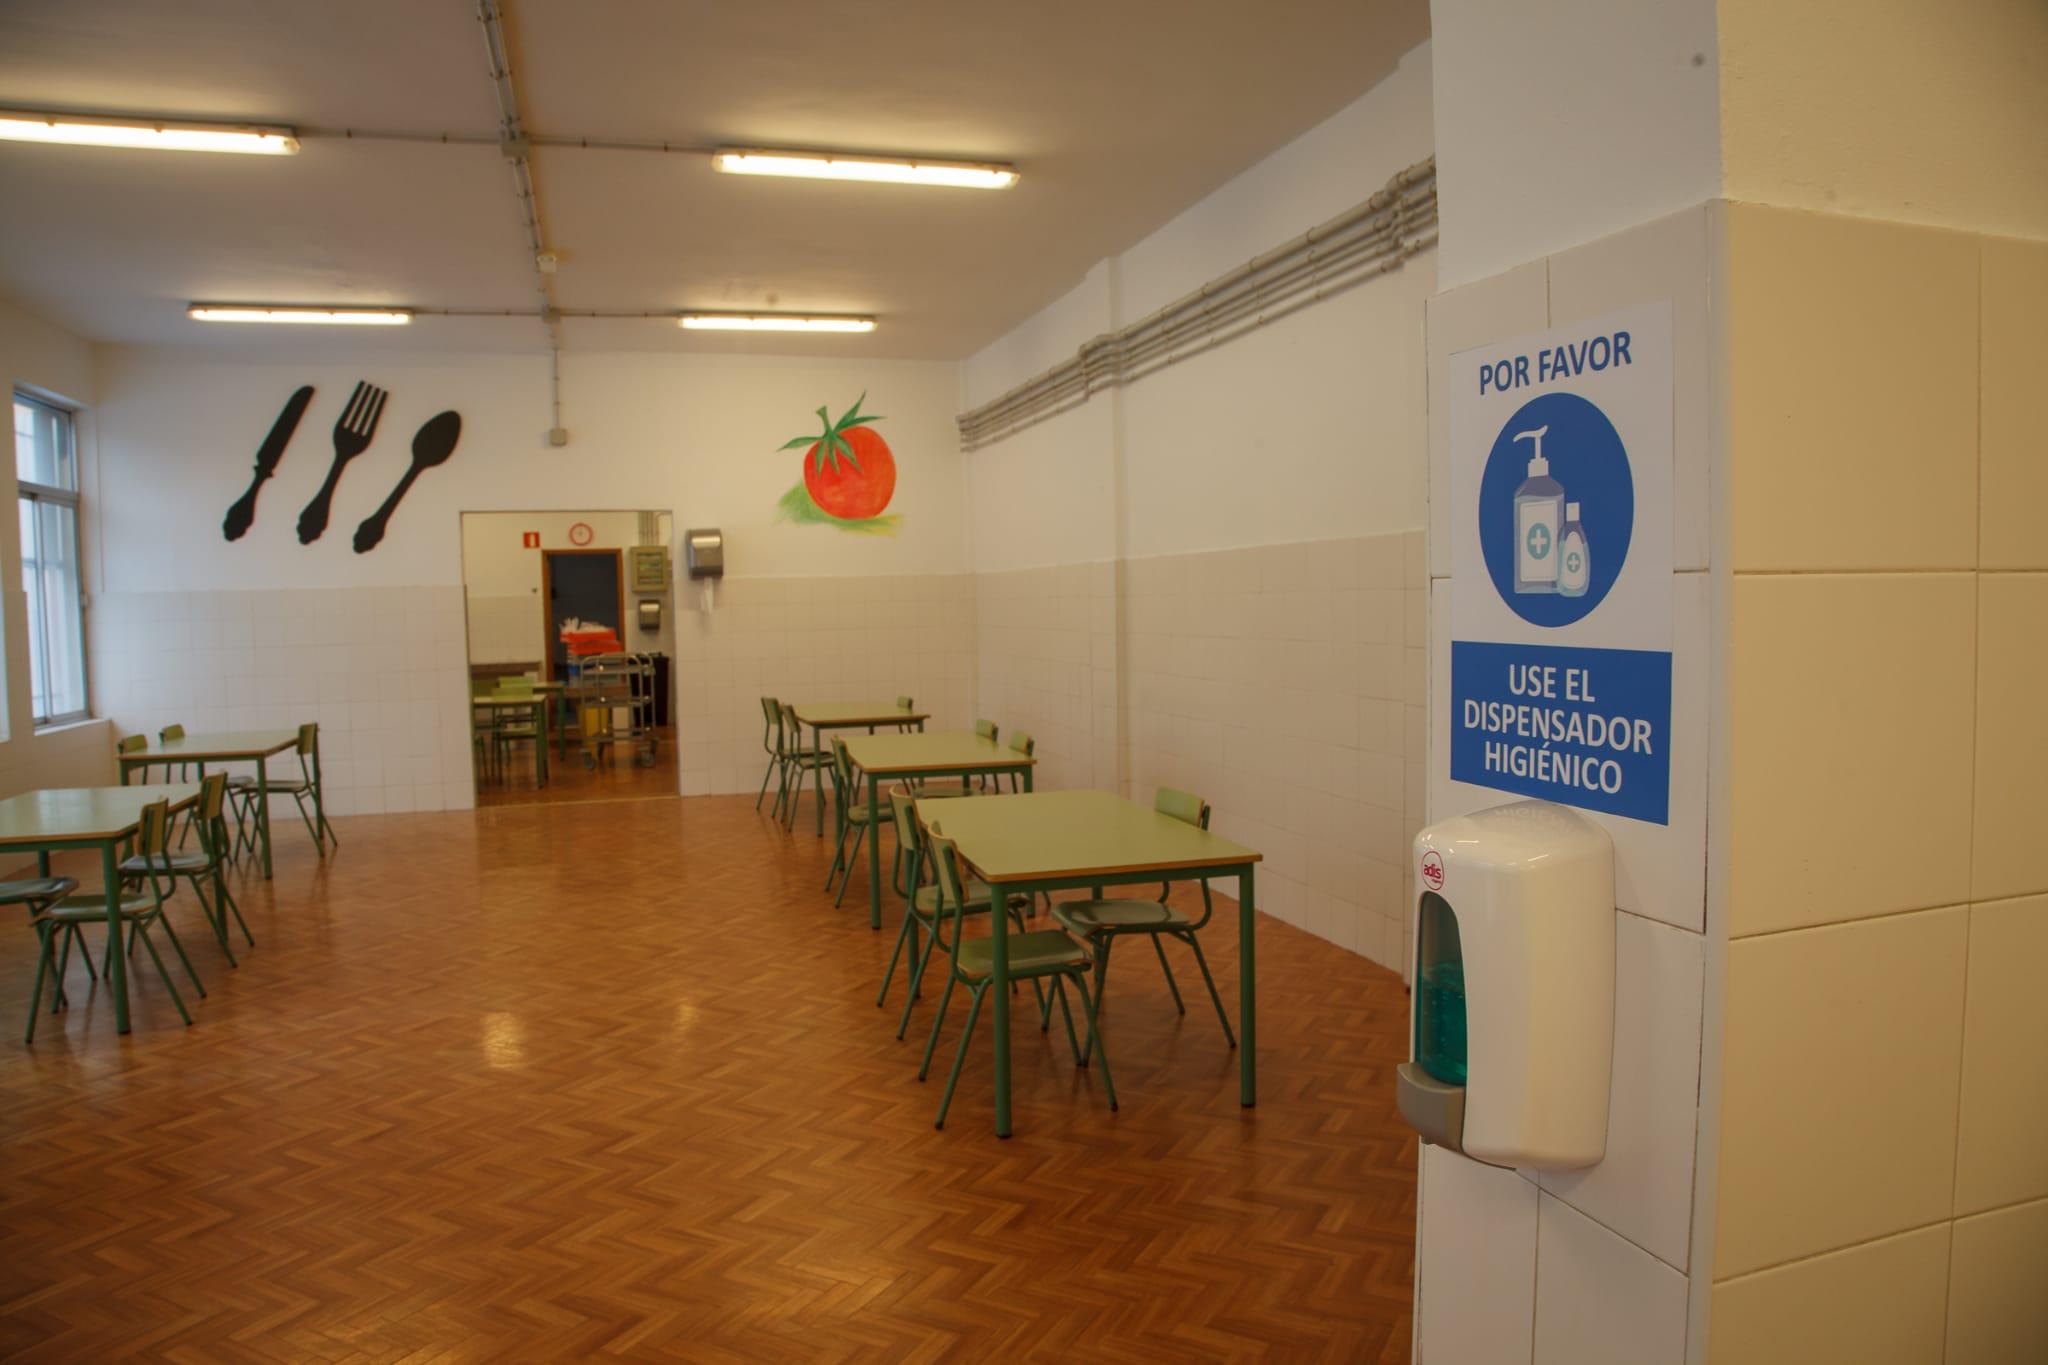 Coronavirus en centros educativos de Canarias / CanariasNoticias.es